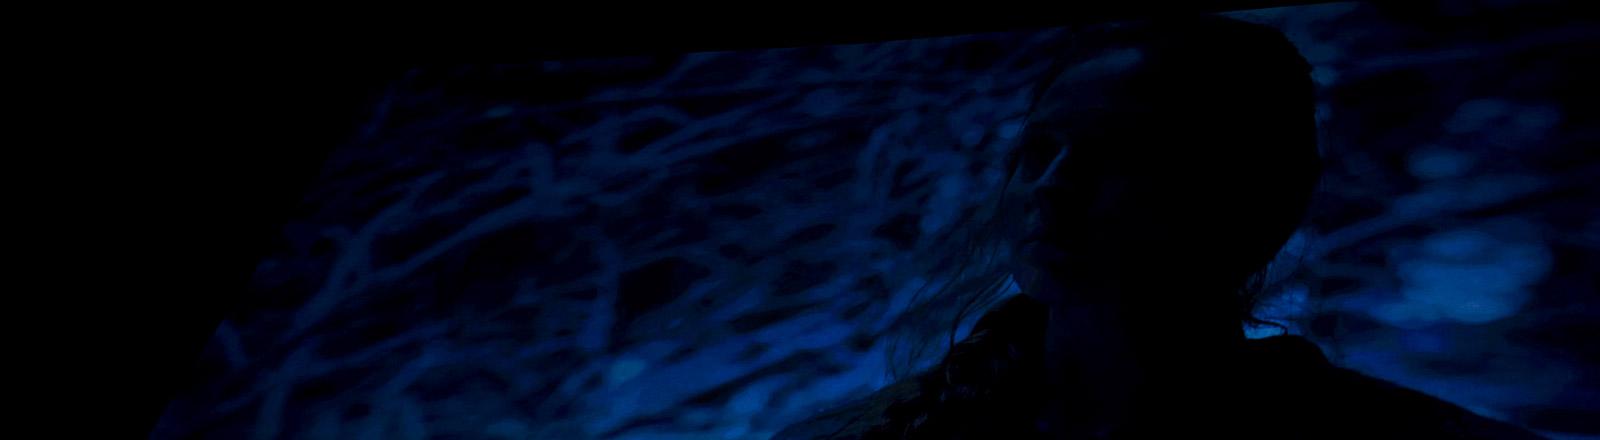 Eine Frau in einer dunklen Szene eines Films